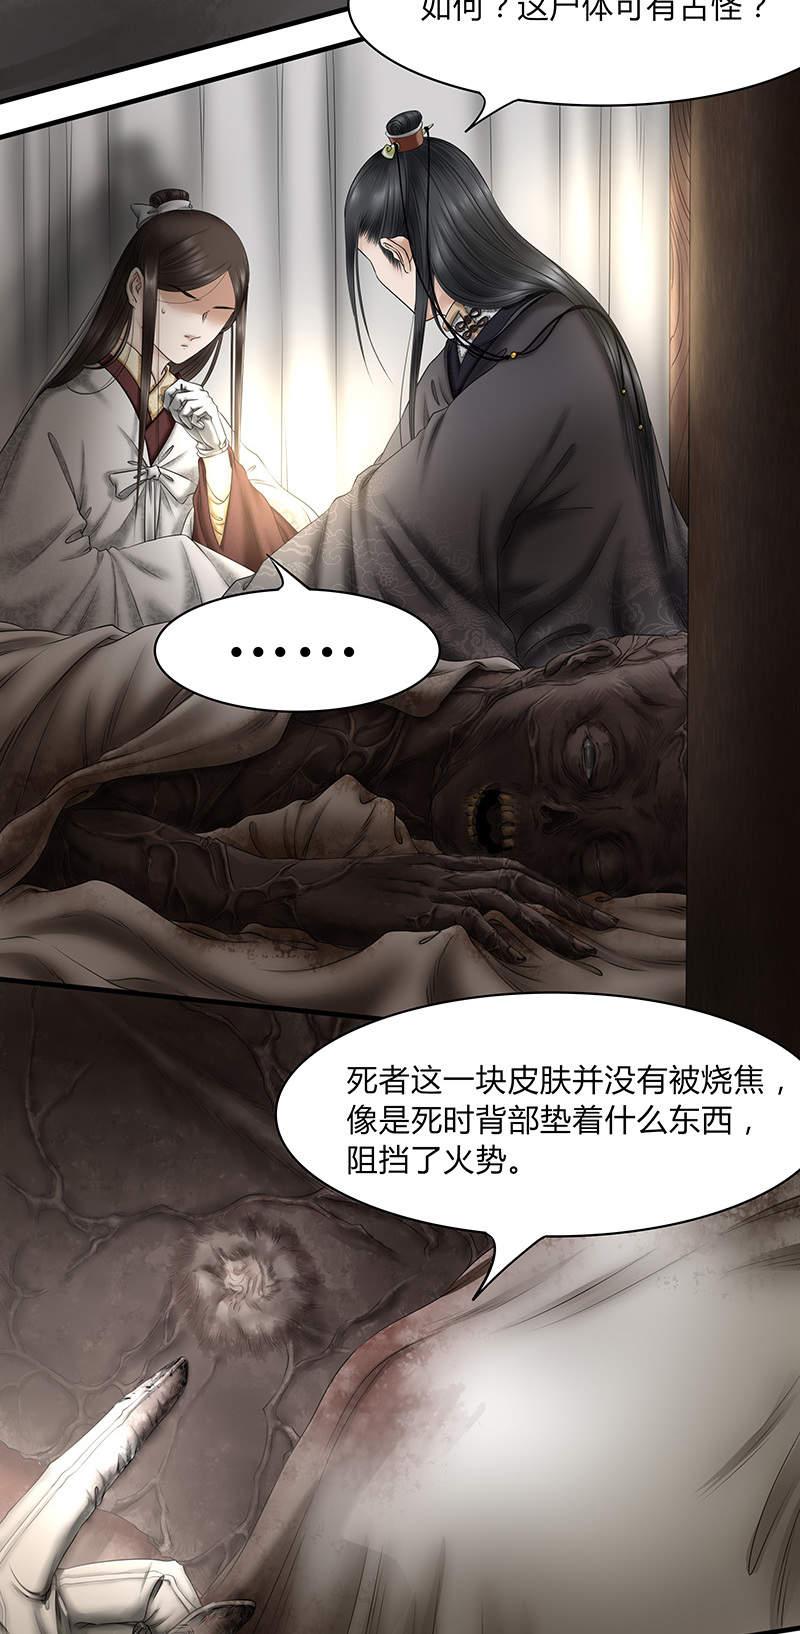 画骨女仵作第29话  遇刺 第 7